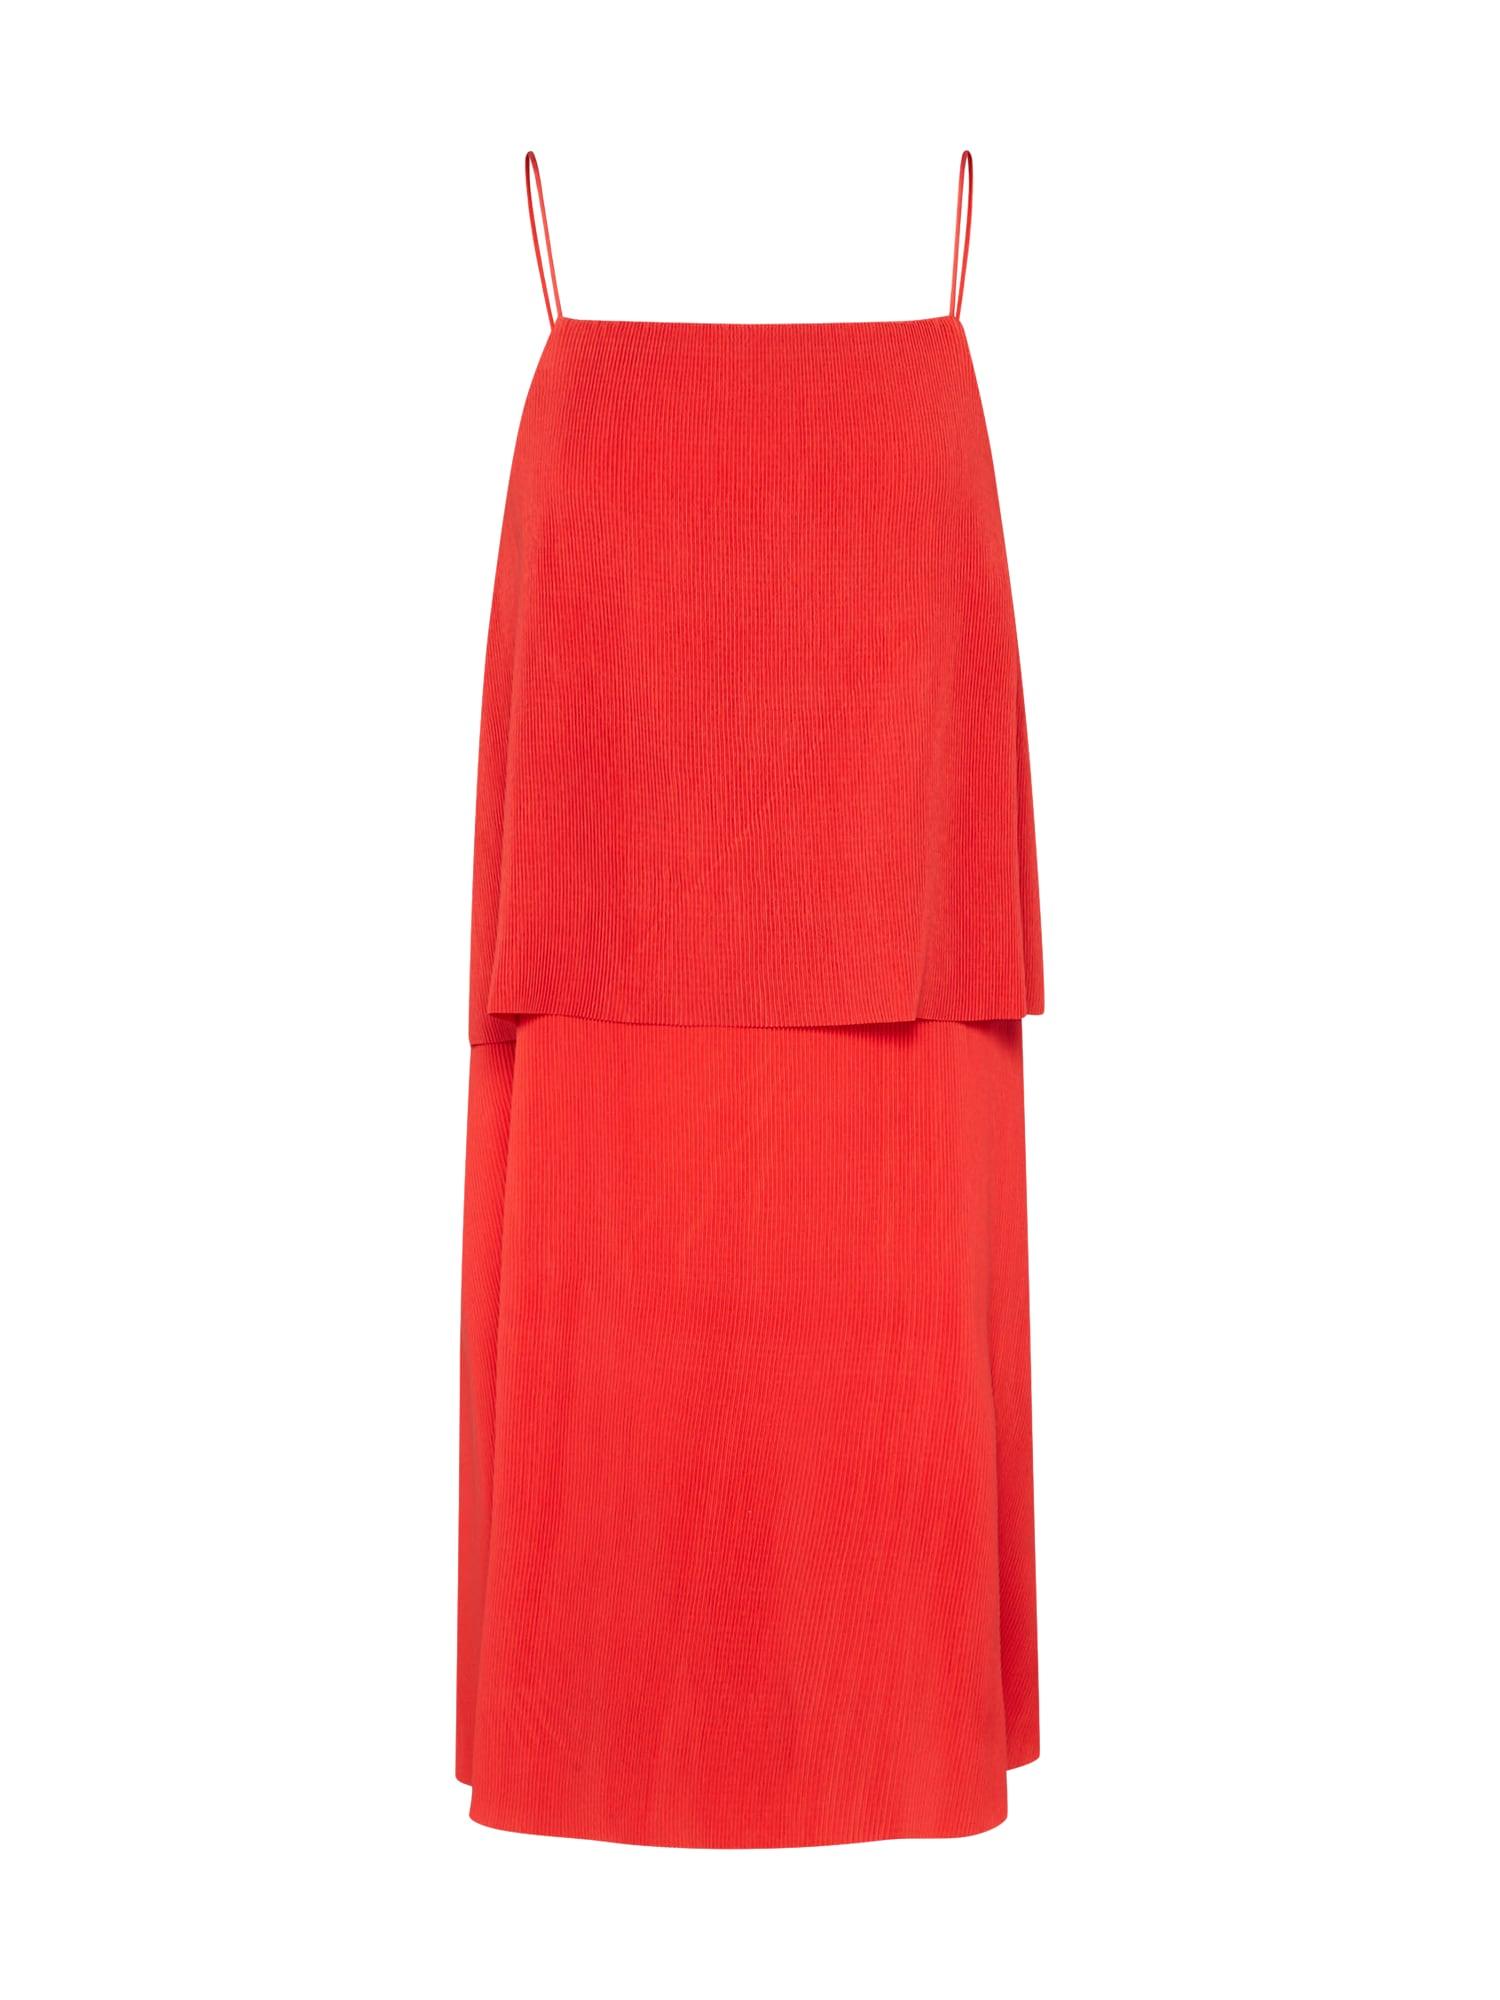 Koktejlové šaty Petra ohnivá červená Samsoe & Samsoe